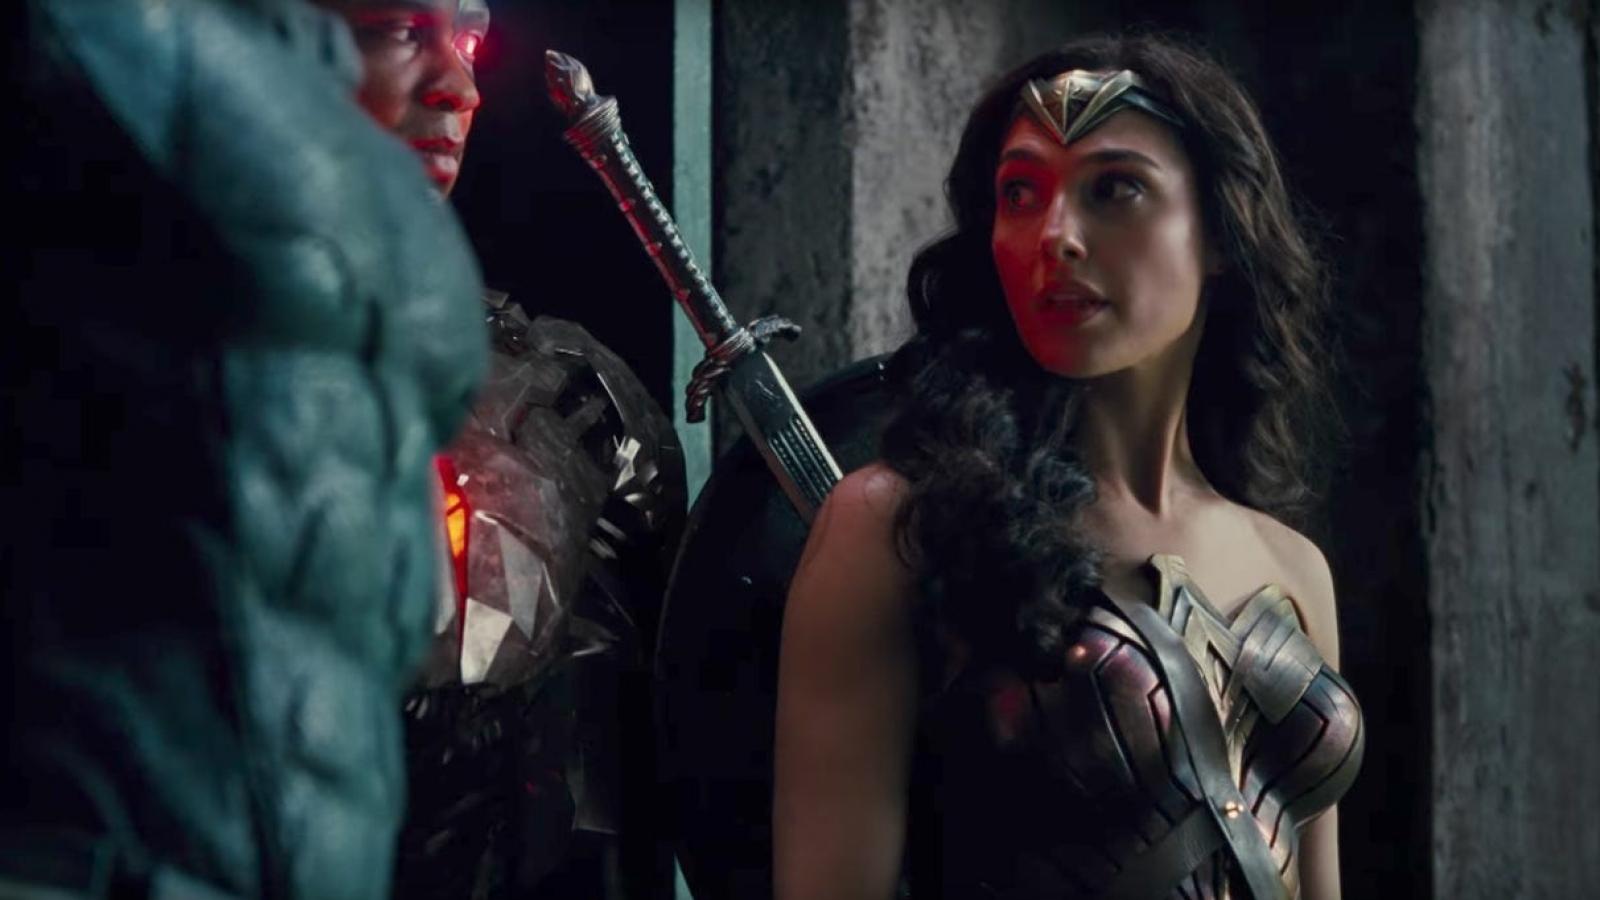 """Đạo diễn phim """"Justice League"""" bị chỉ trích vì hăm dọa Gal Gadot"""